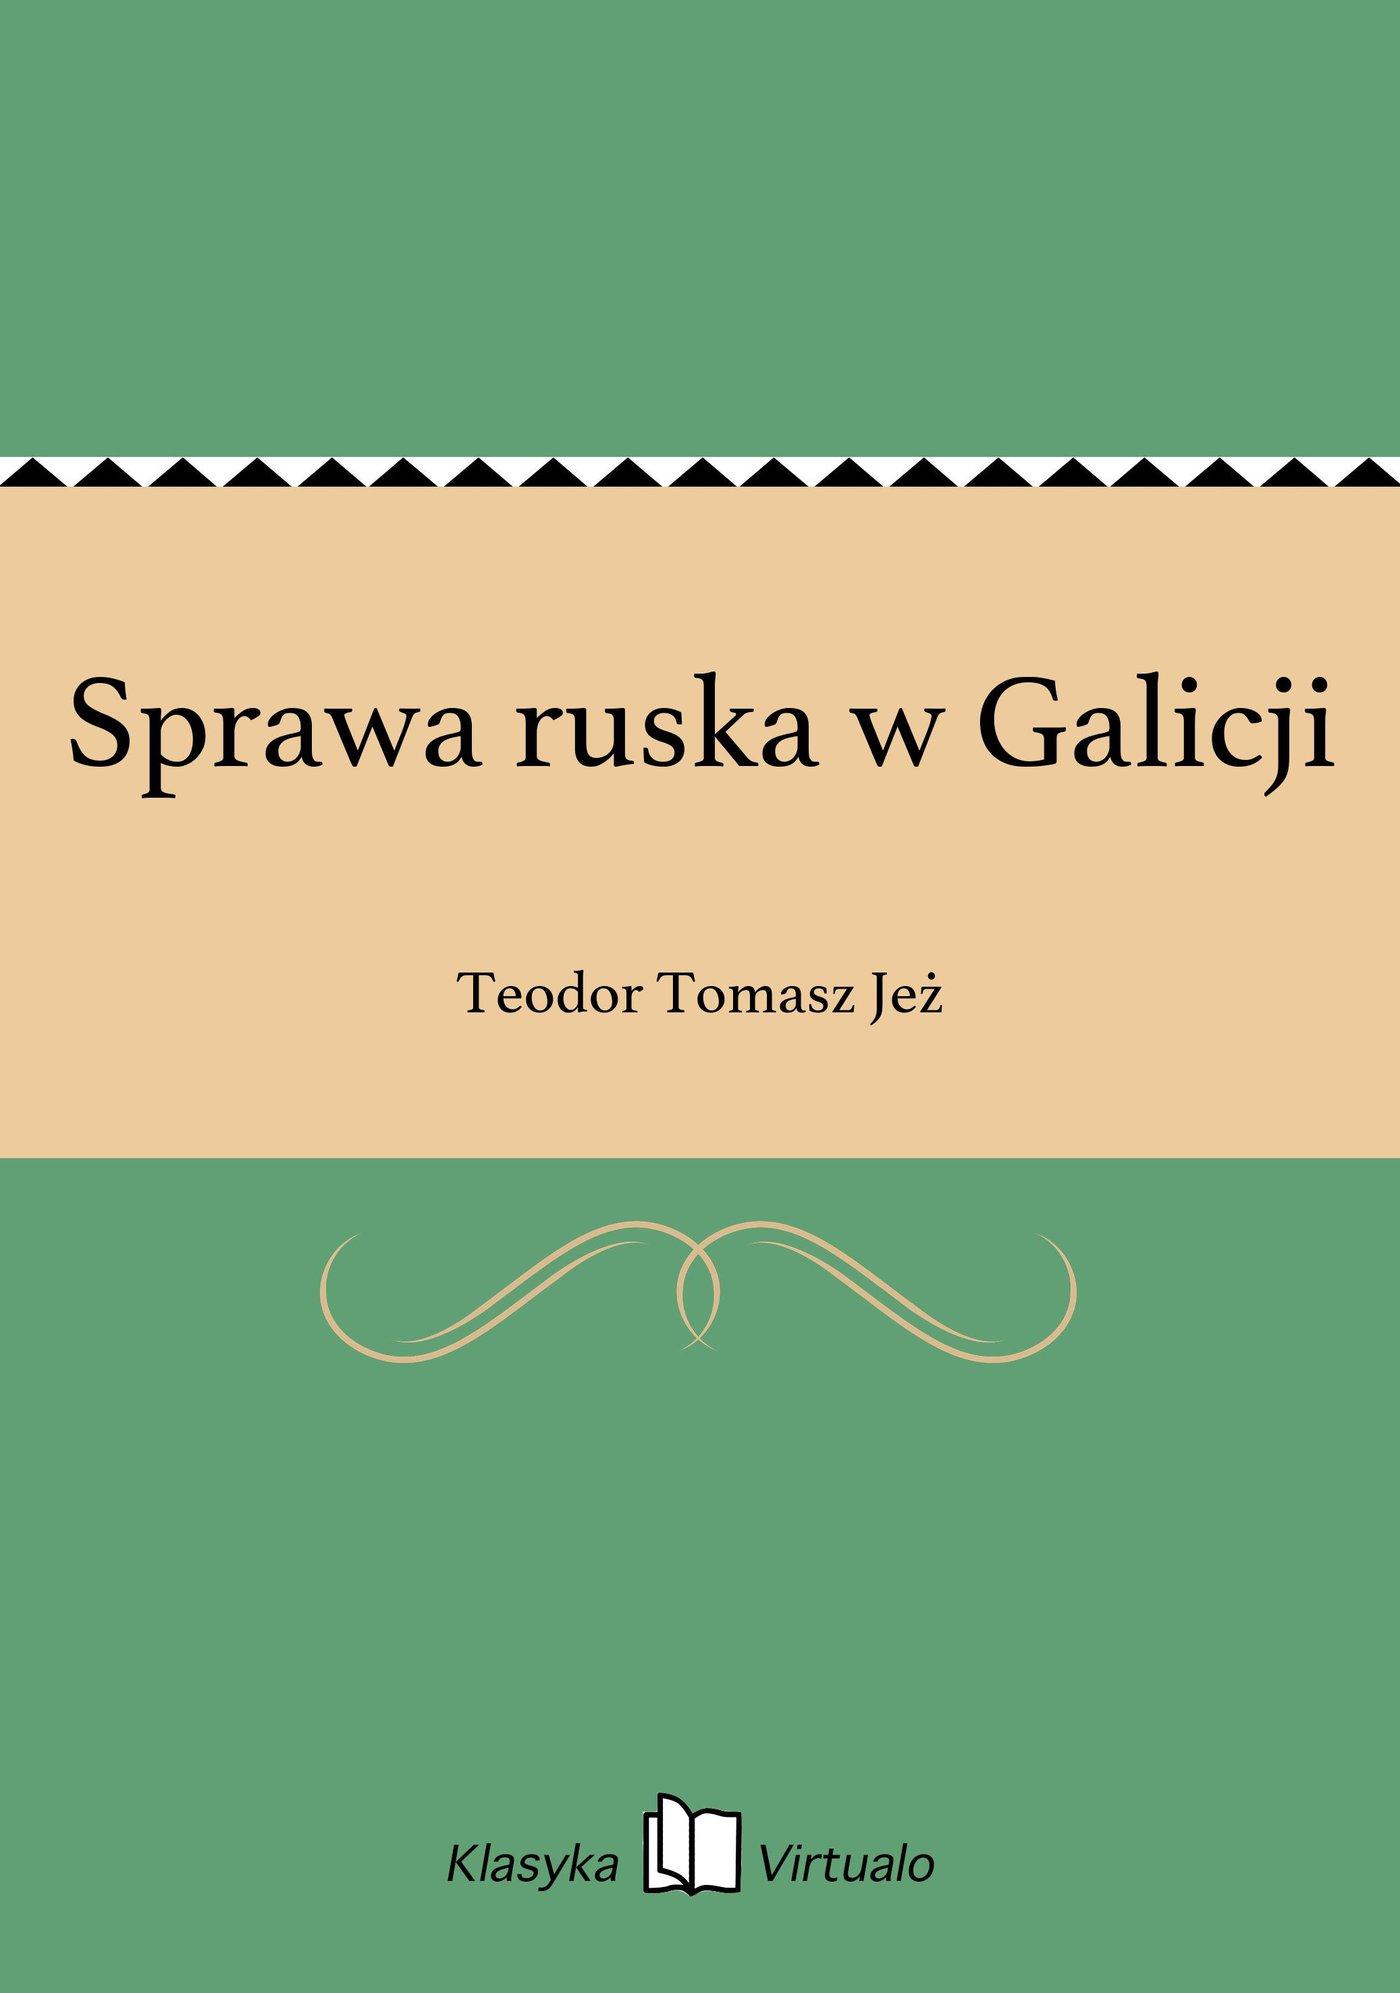 Sprawa ruska w Galicji - Ebook (Książka na Kindle) do pobrania w formacie MOBI